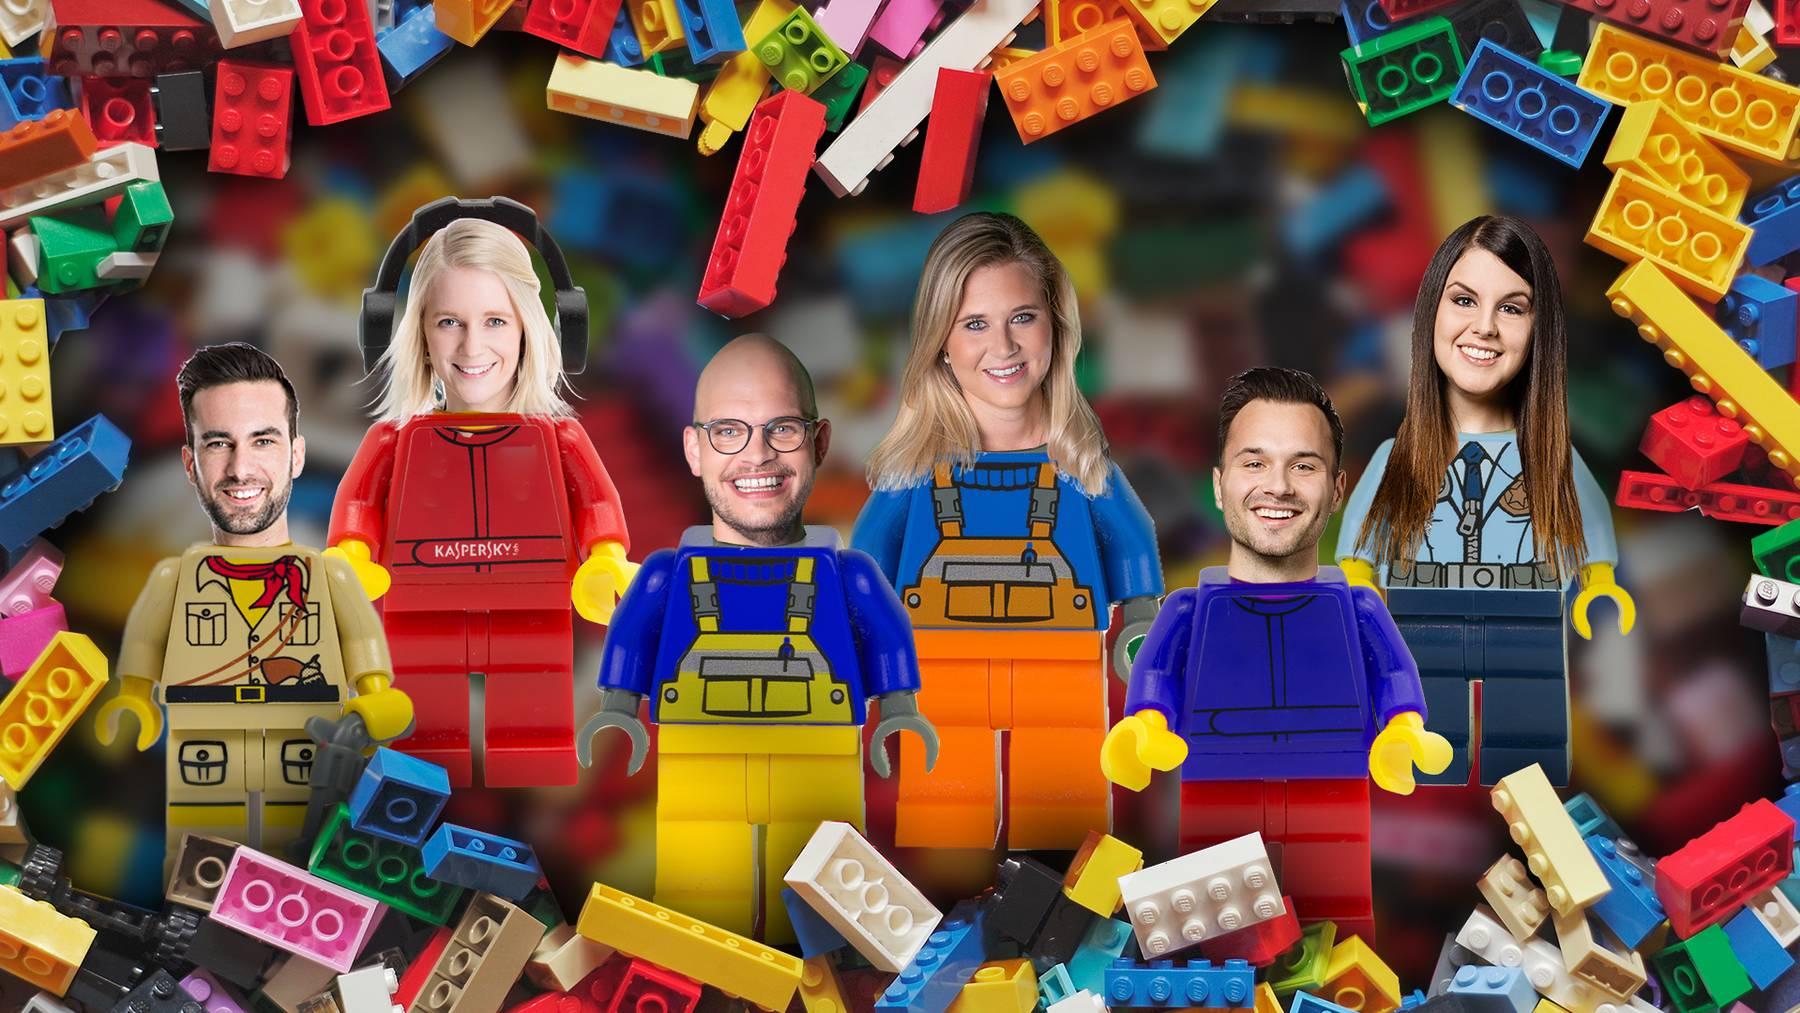 Lego Teaser